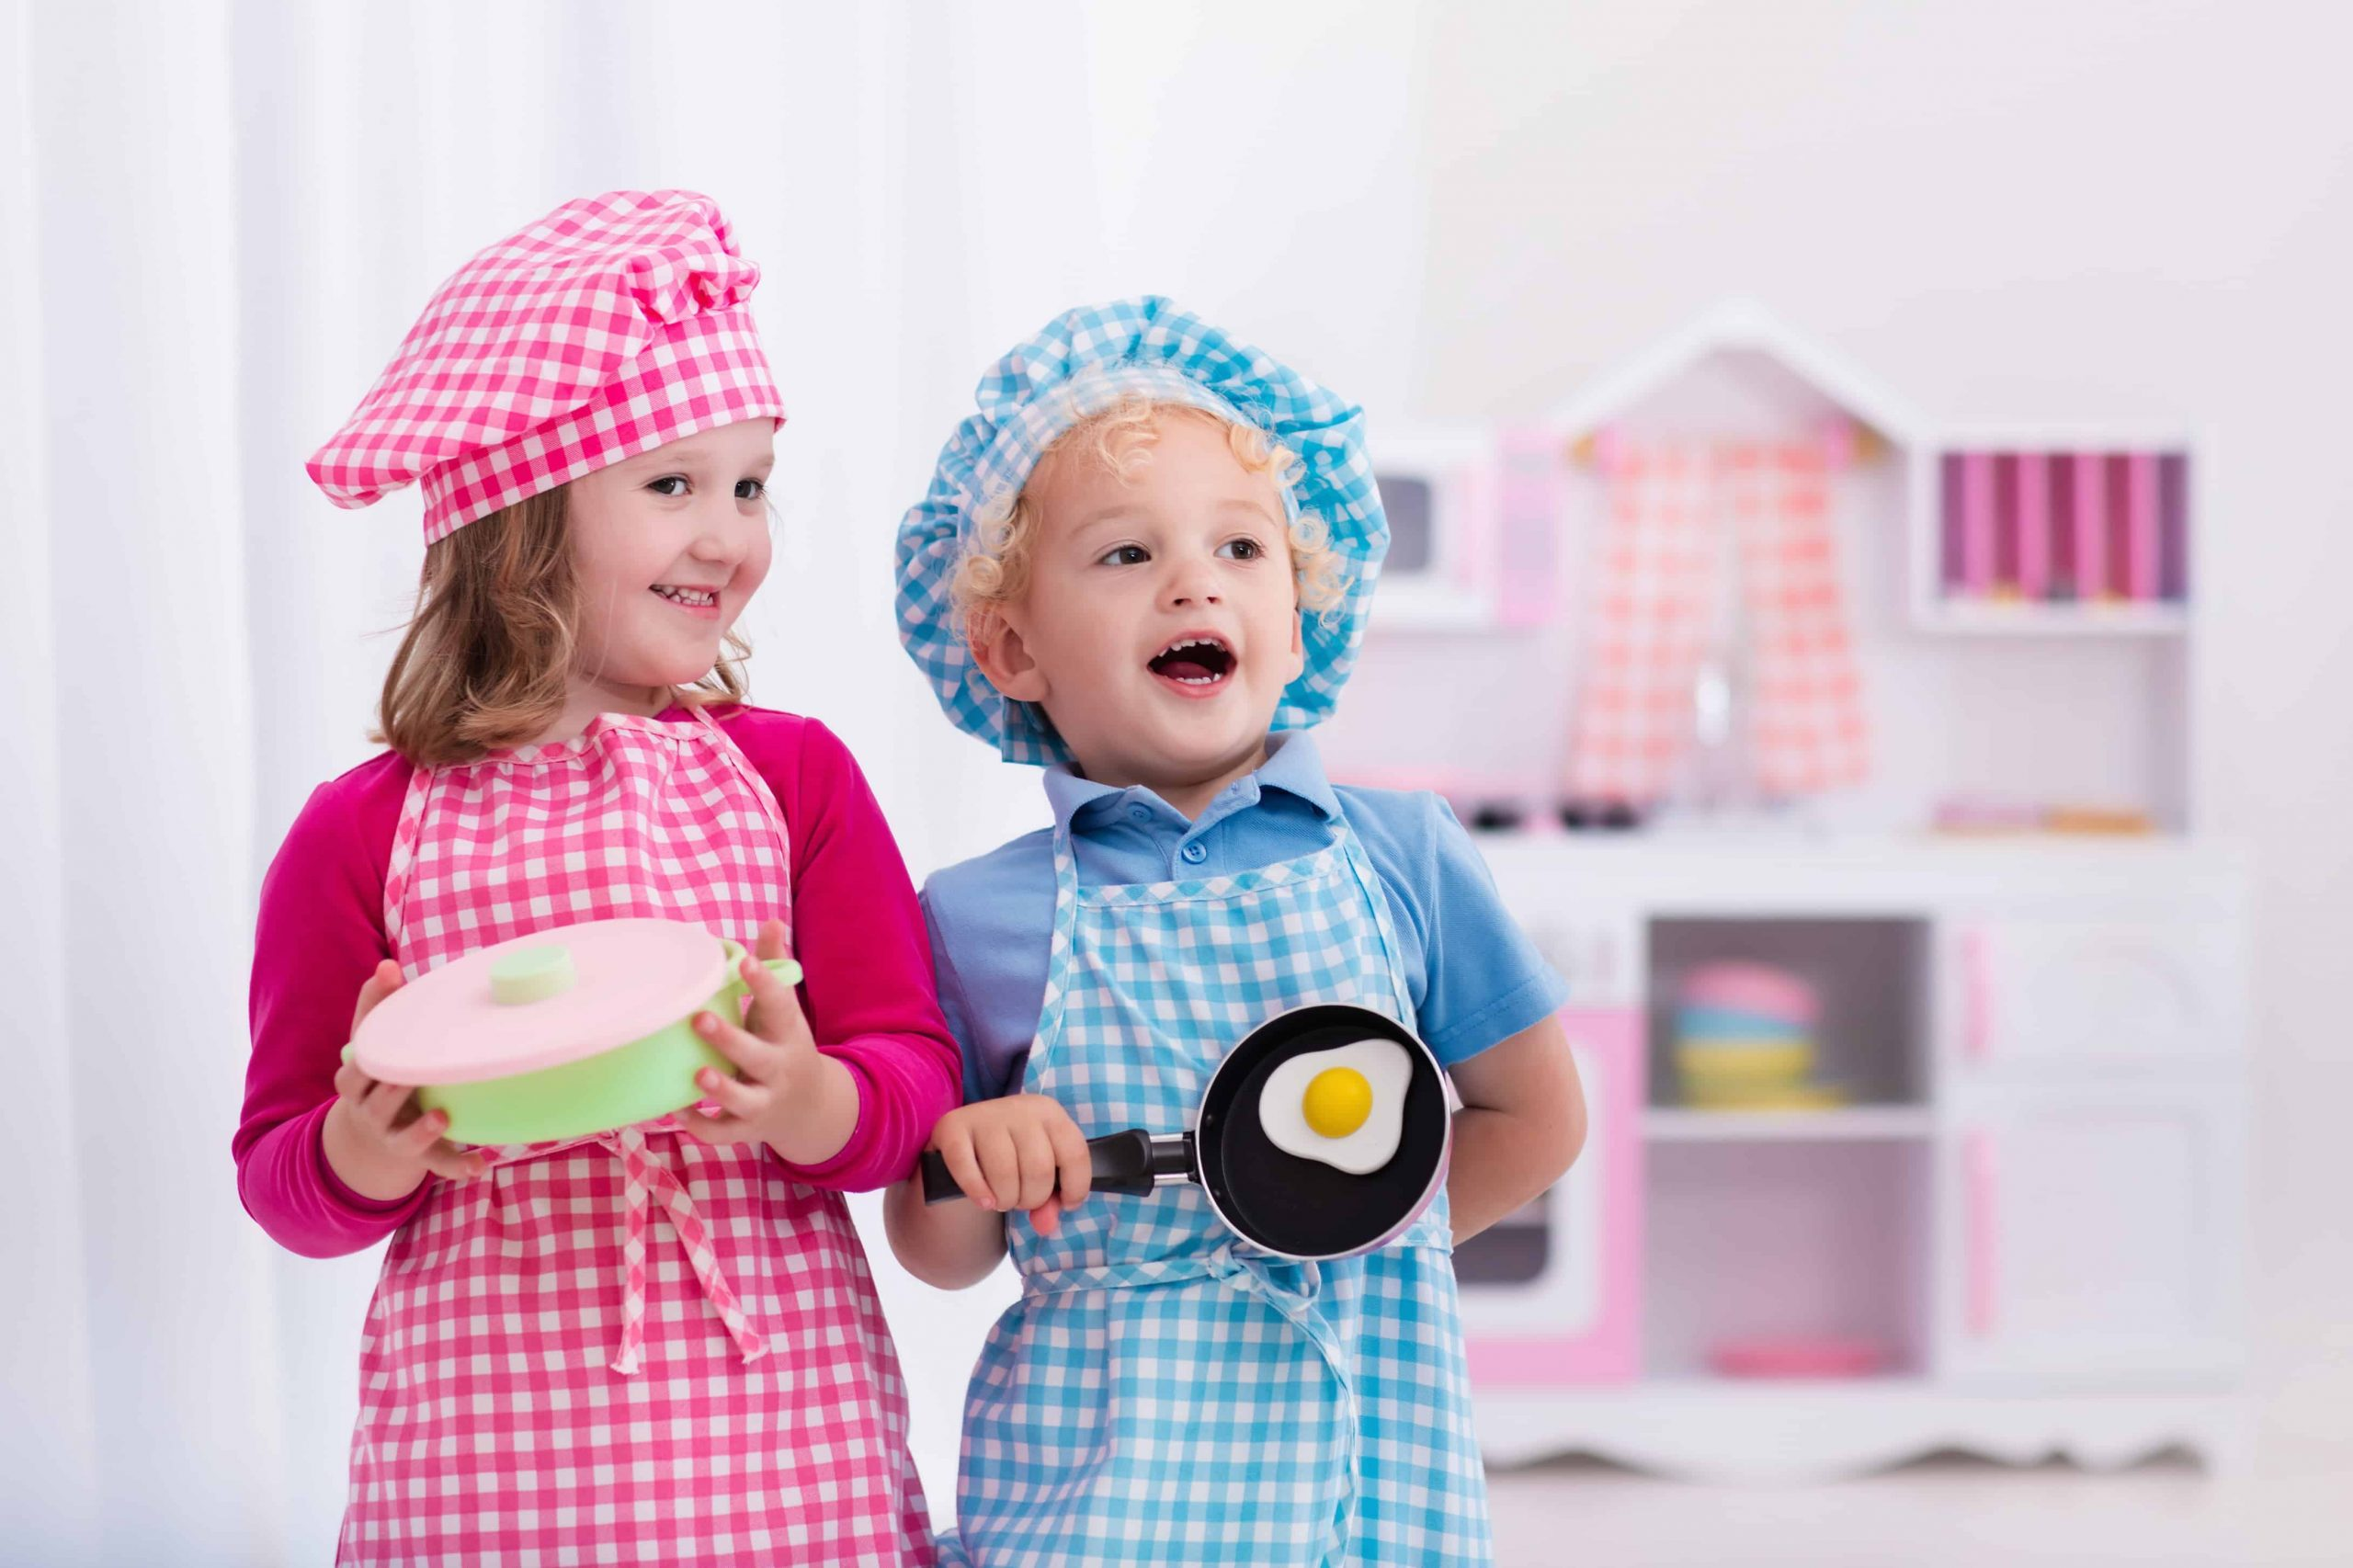 Niños jugando a ser chefs